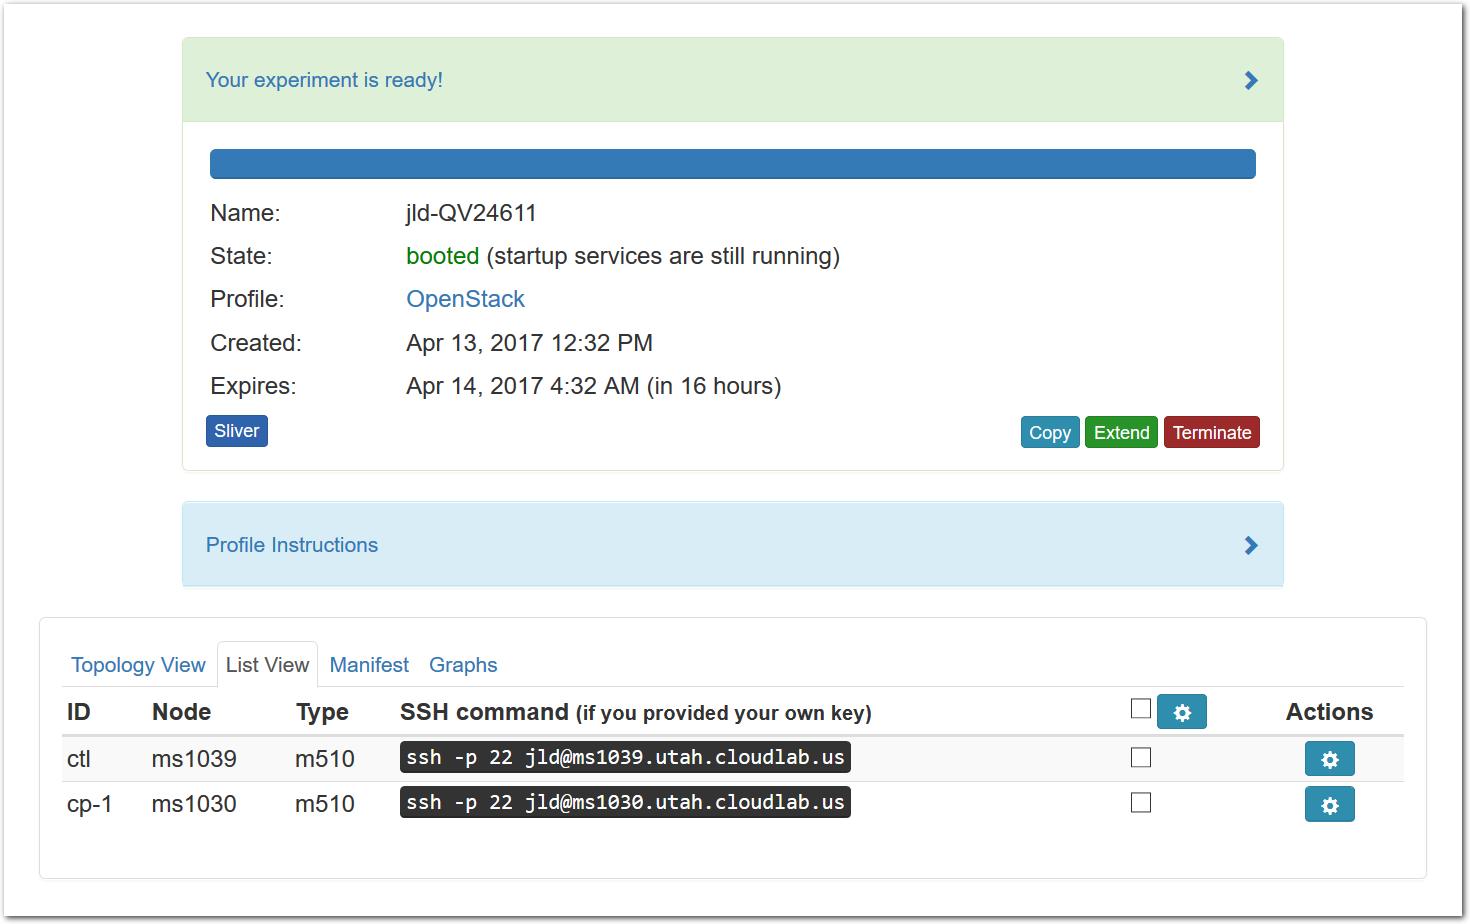 screenshots/clab/node-list.png